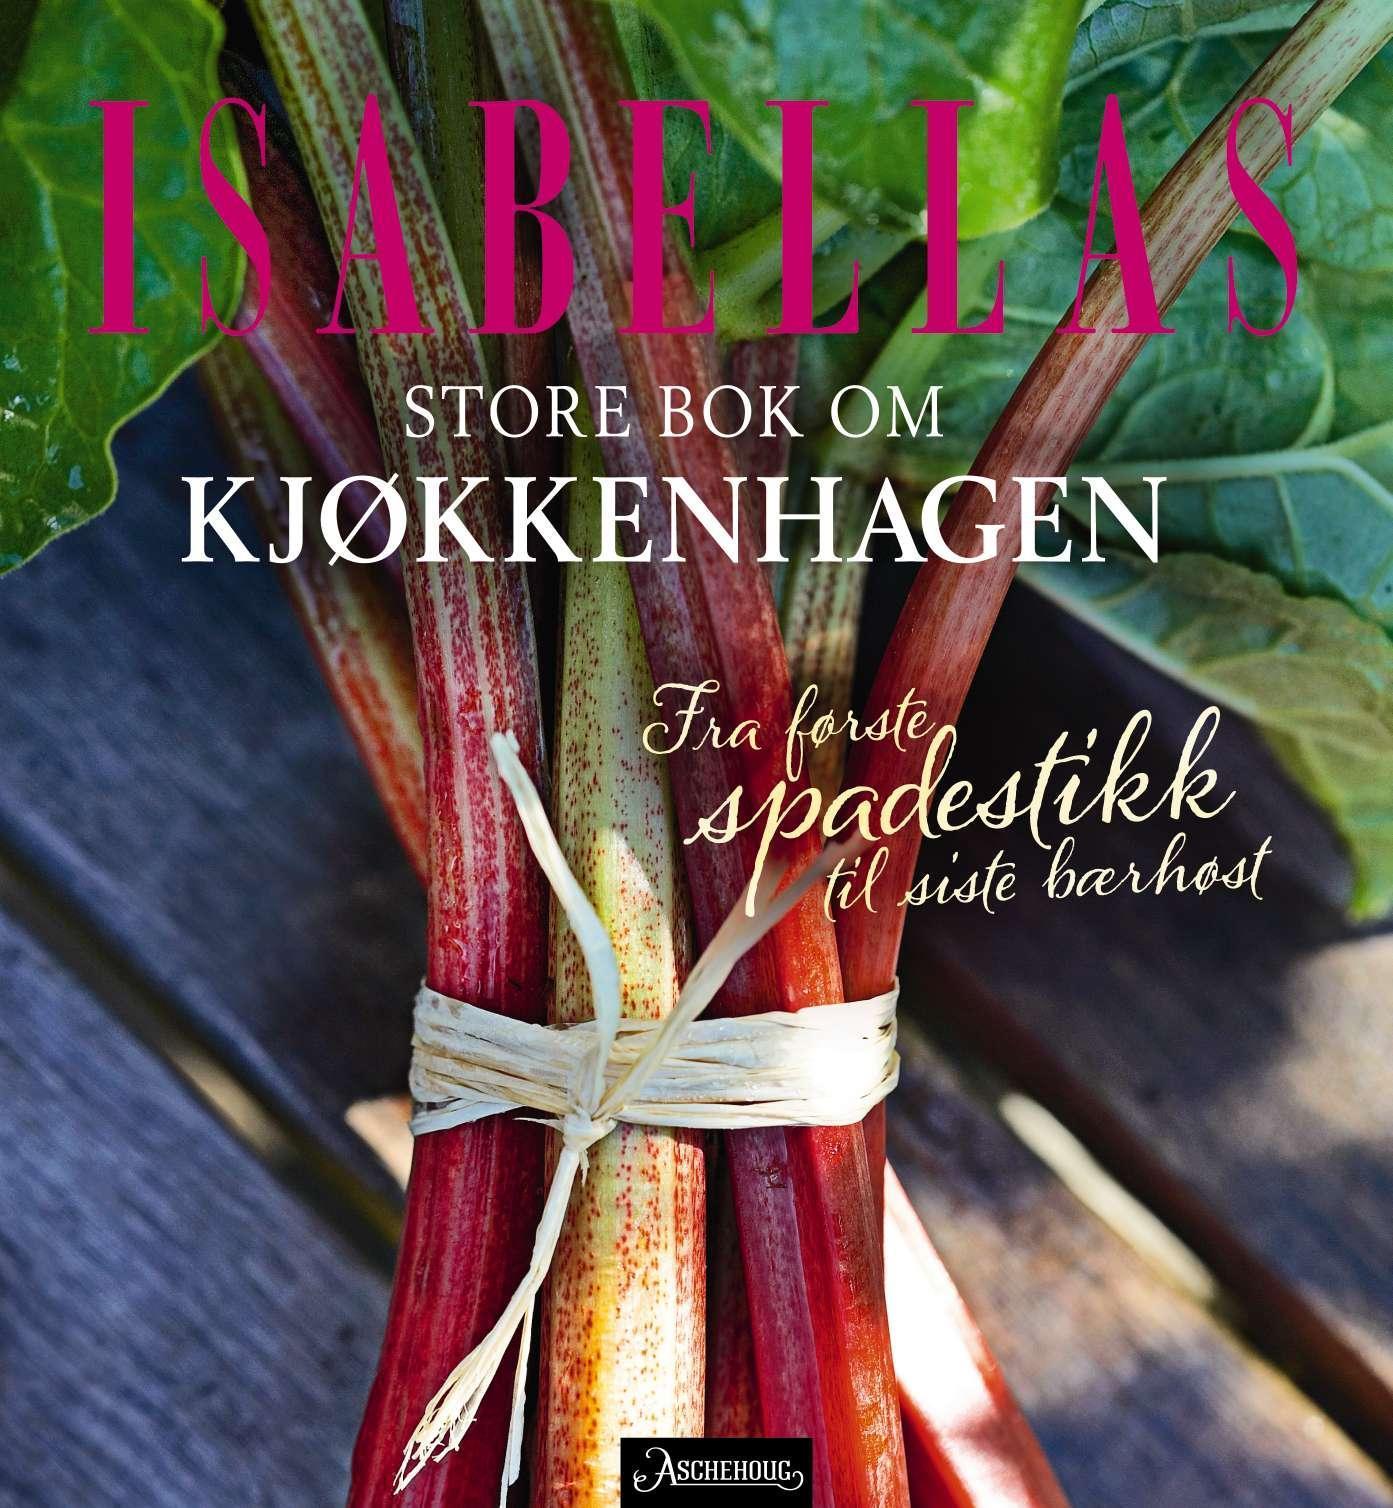 """""""Isabellas store bok om kjøkkenhagen - fra første spadestikk til siste bærhøst"""" av Susie Helsing Nielsen"""